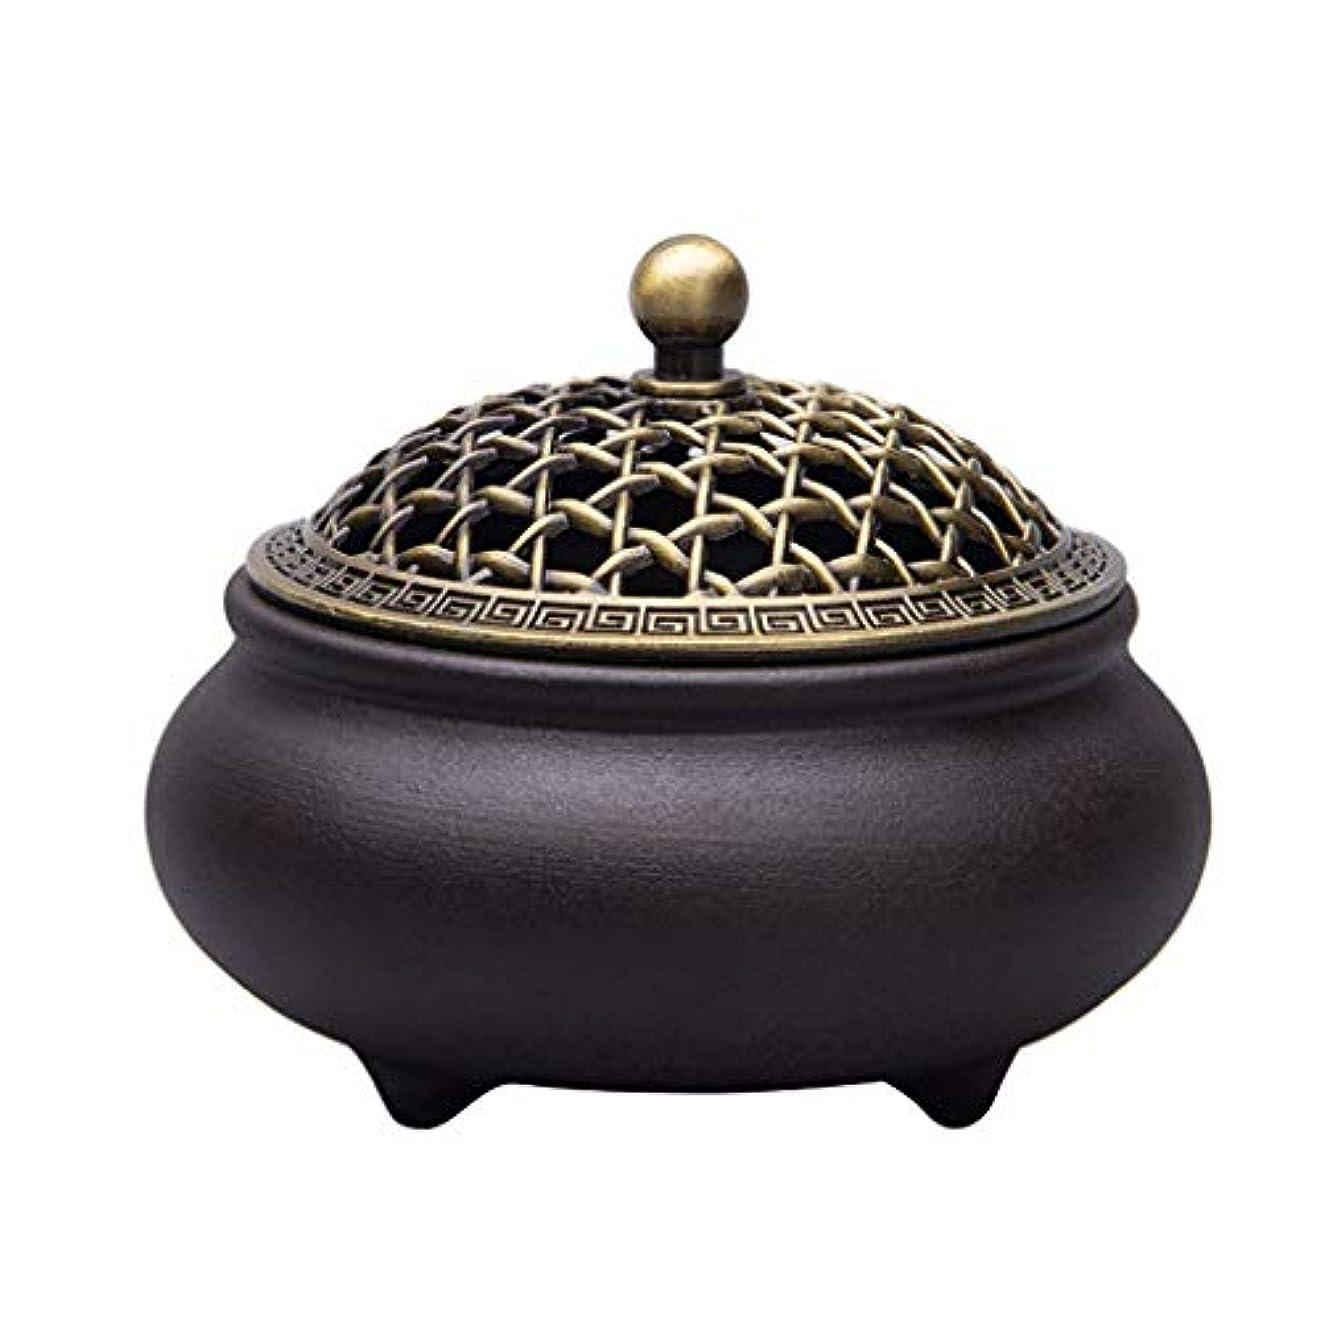 起きて非常に取り扱い芳香器?アロマバーナー セラミック香炉3本足アロマテラピー炉ホームインテリア装飾品 アロマバーナー芳香器 (Color : A)